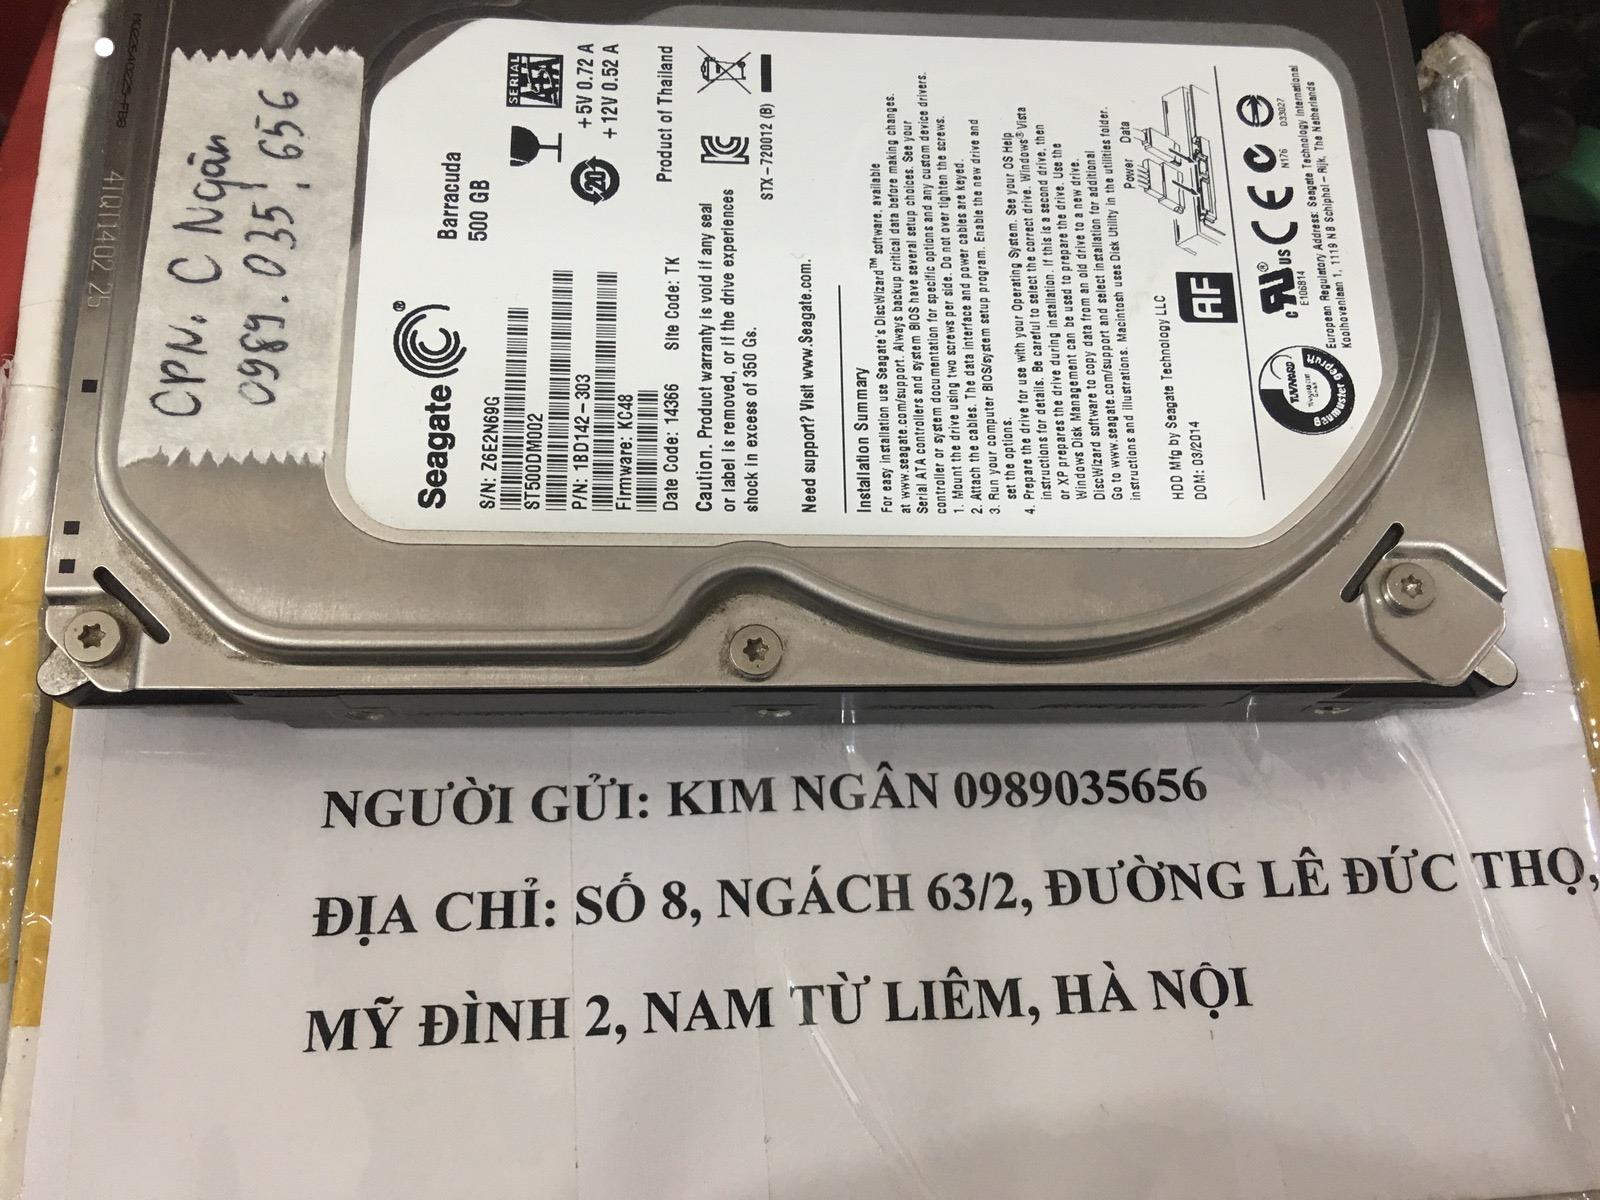 Phục hồi dữ liệu ổ cứng Seagate 500GB không quay 14/03/2020 - cuumaytinh